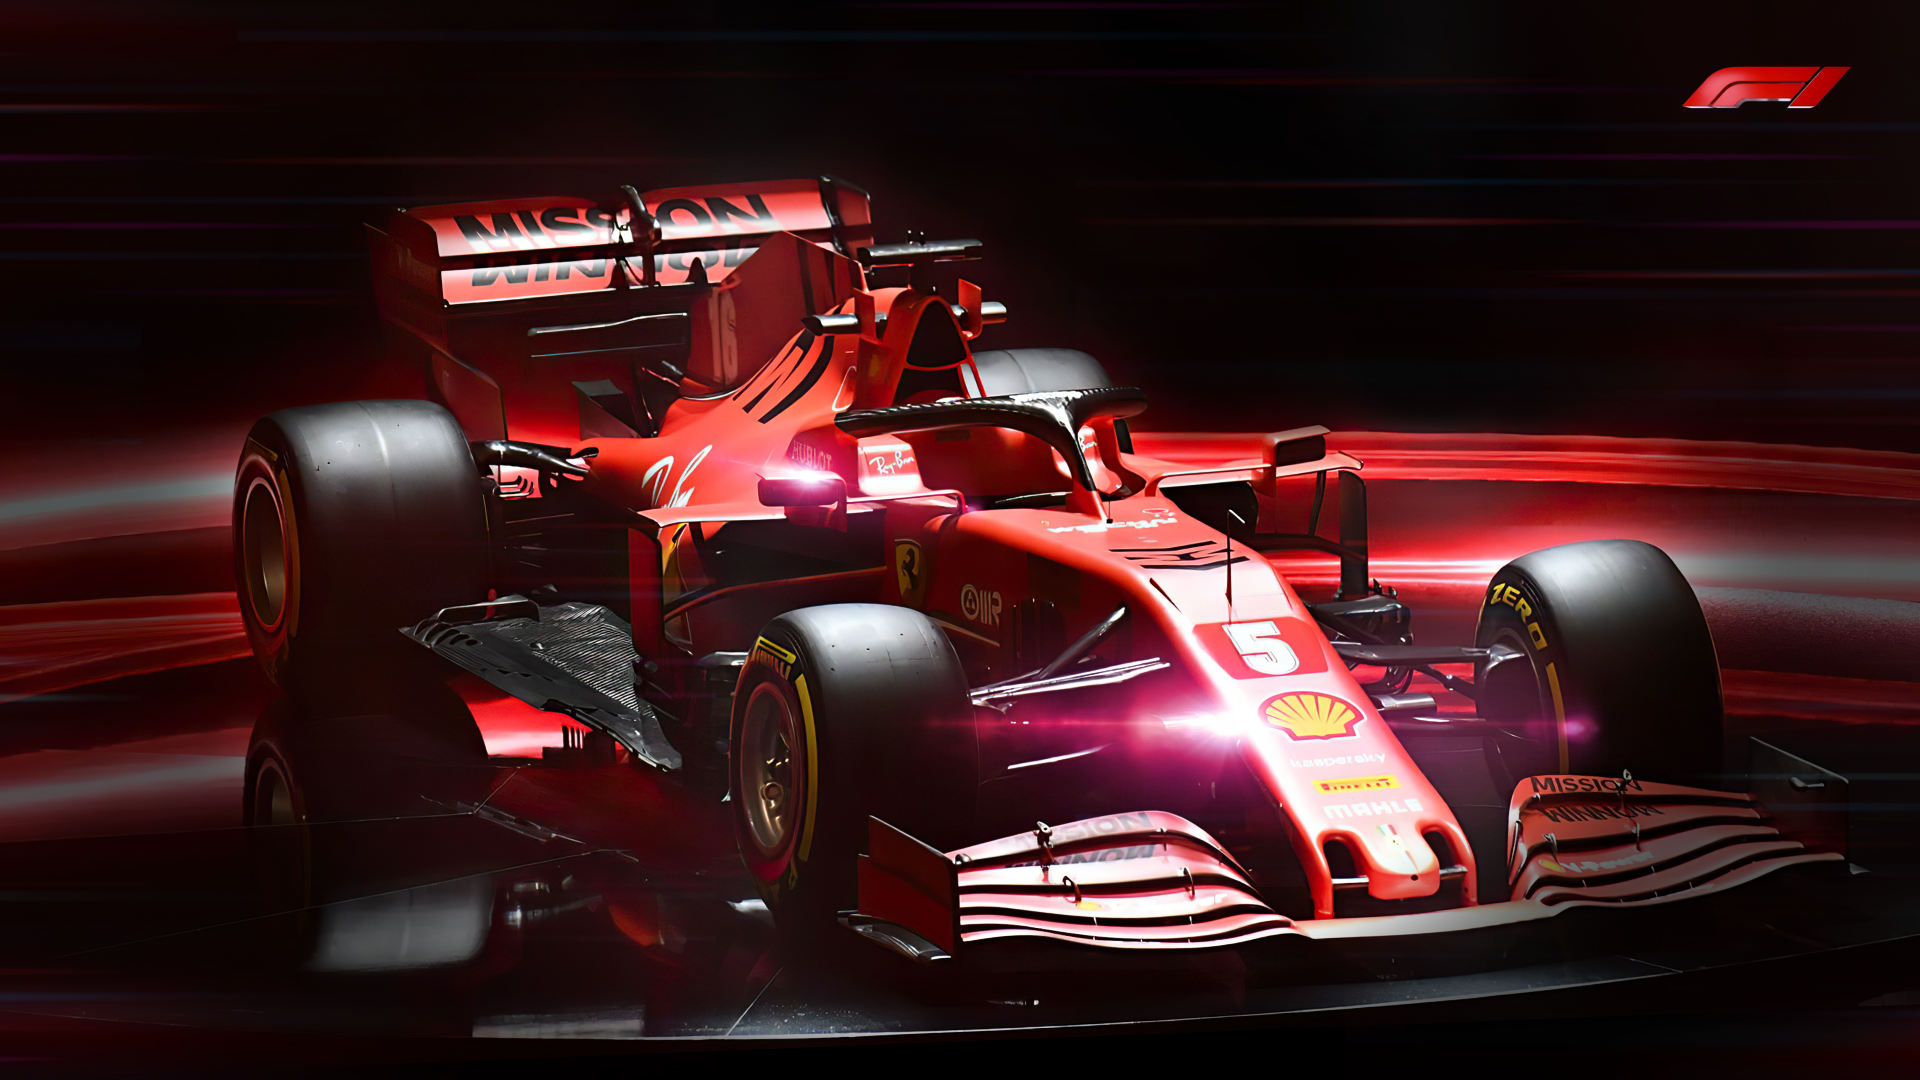 Ferrari 2020 F1 Car Sf1000 Wallpaper Hd